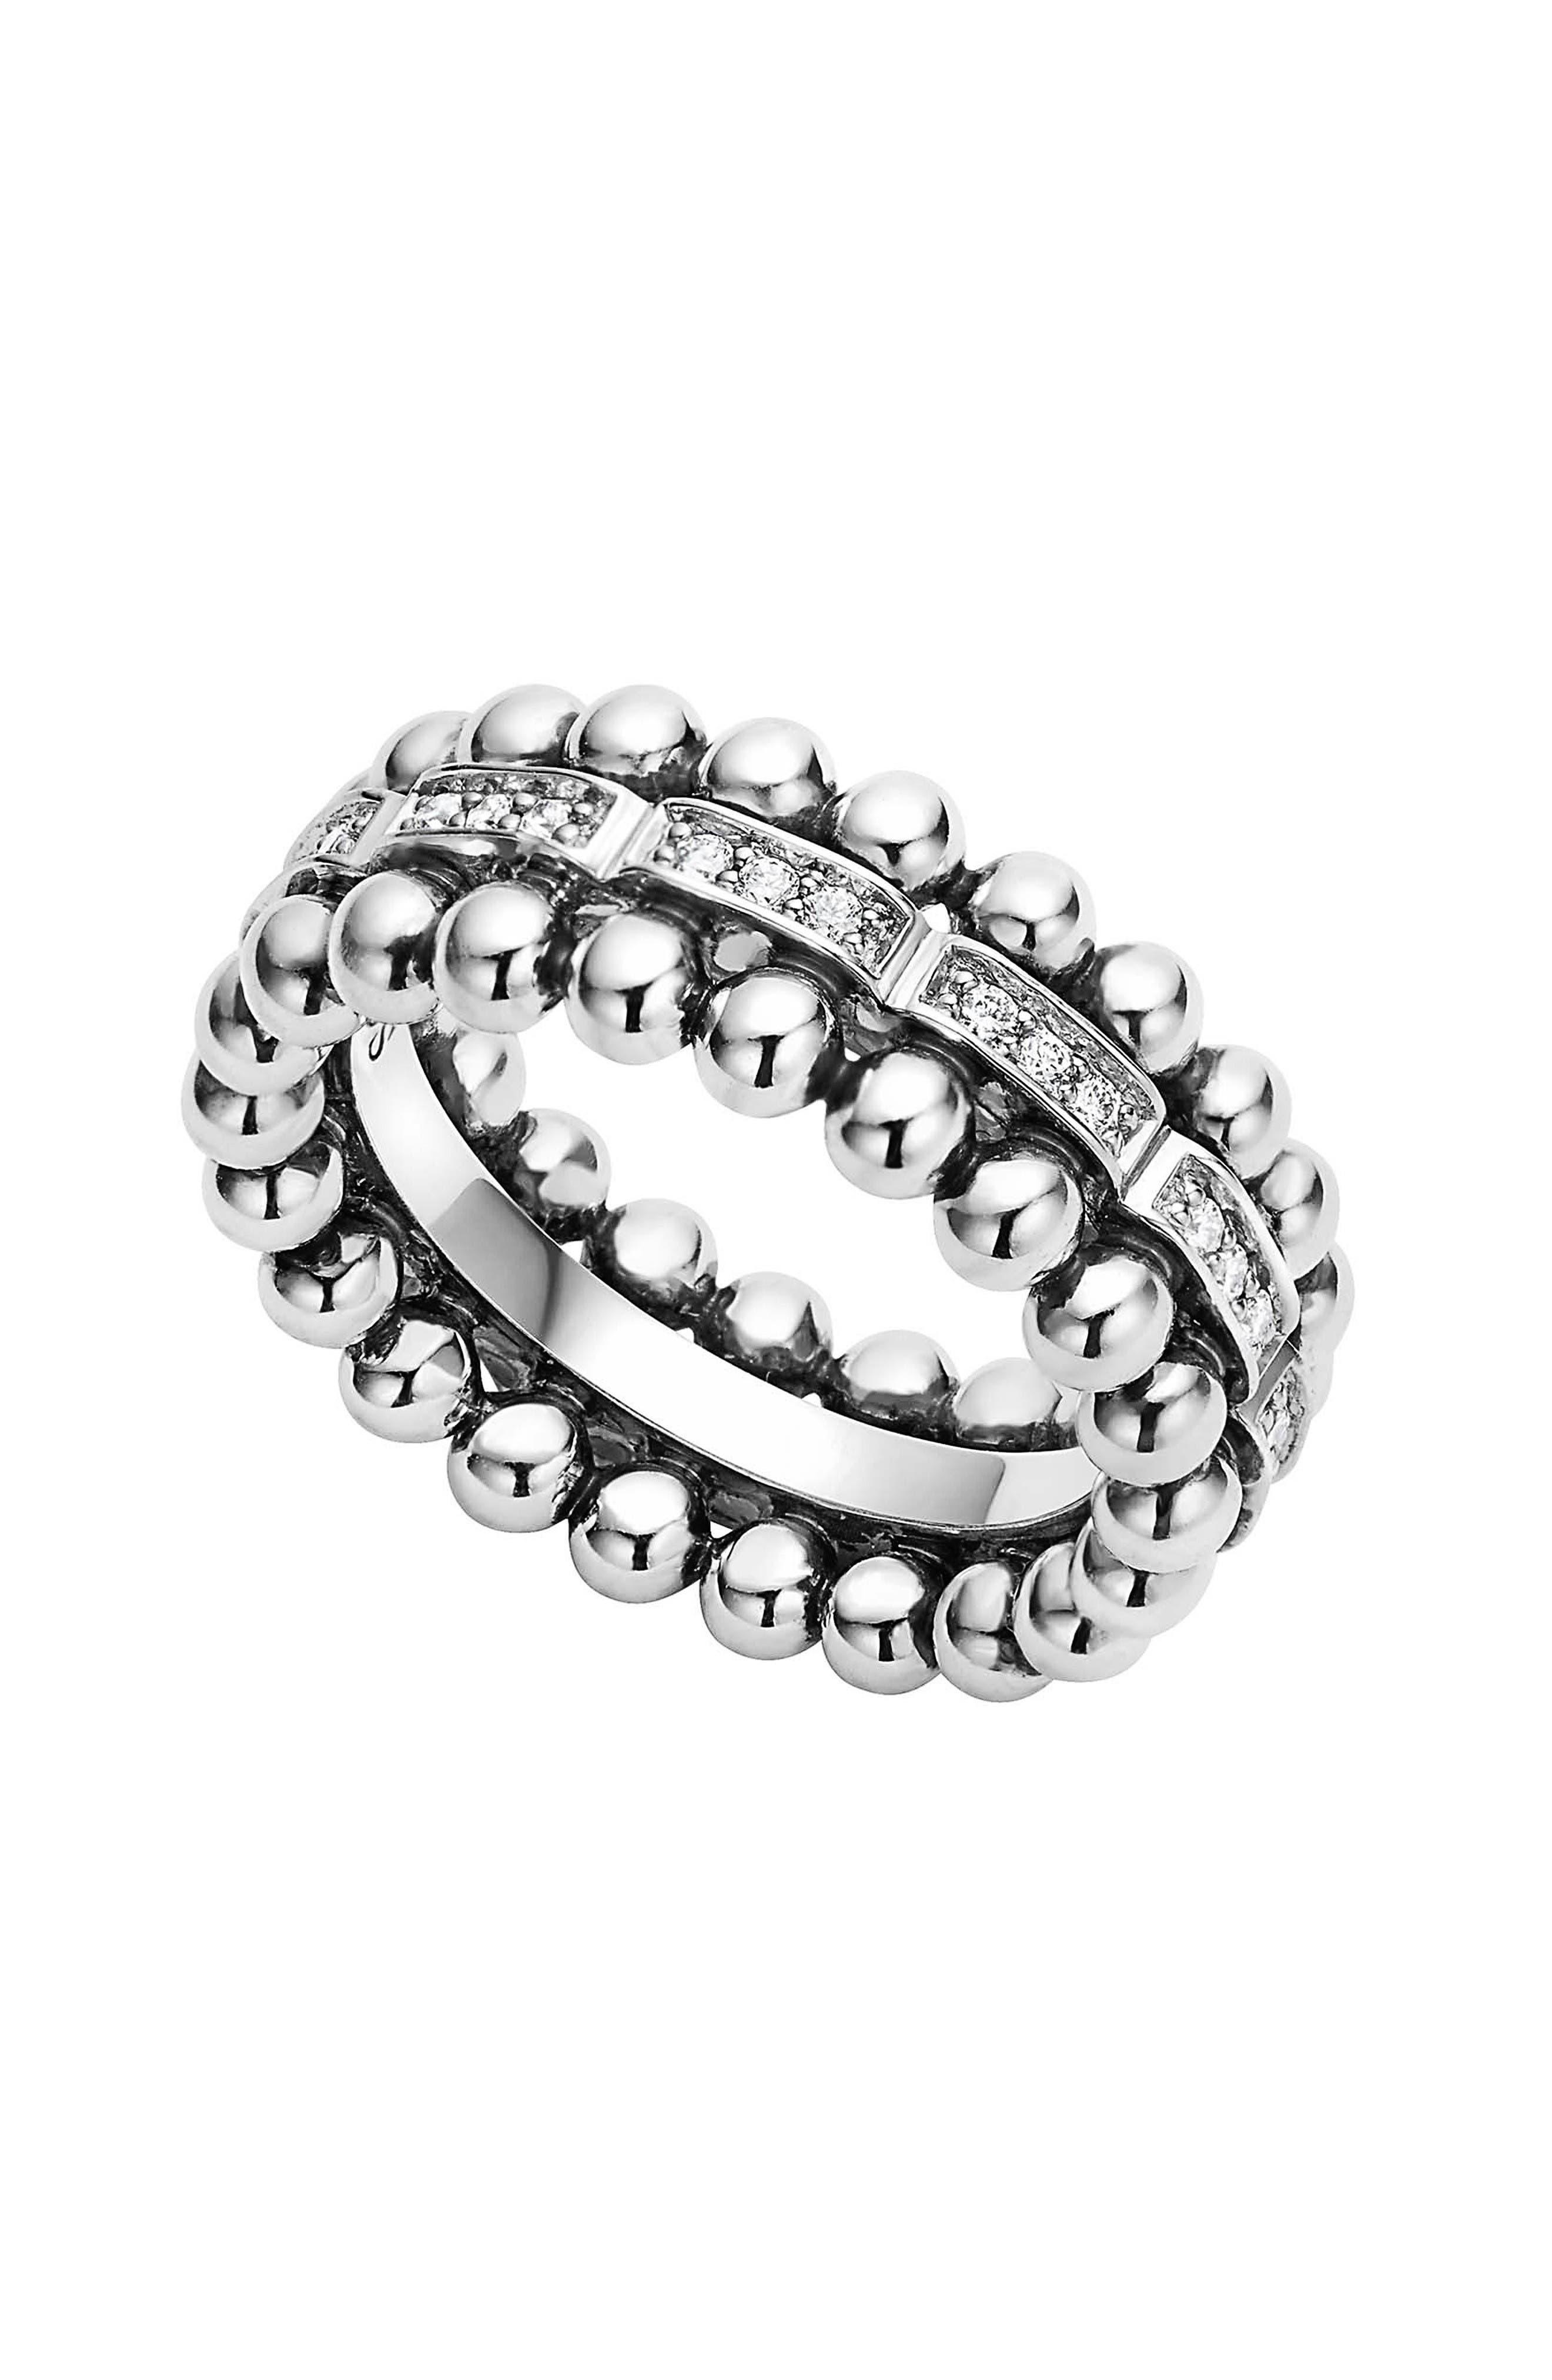 Main Image - LAGOS Caviar Spark Diamond Band Ring